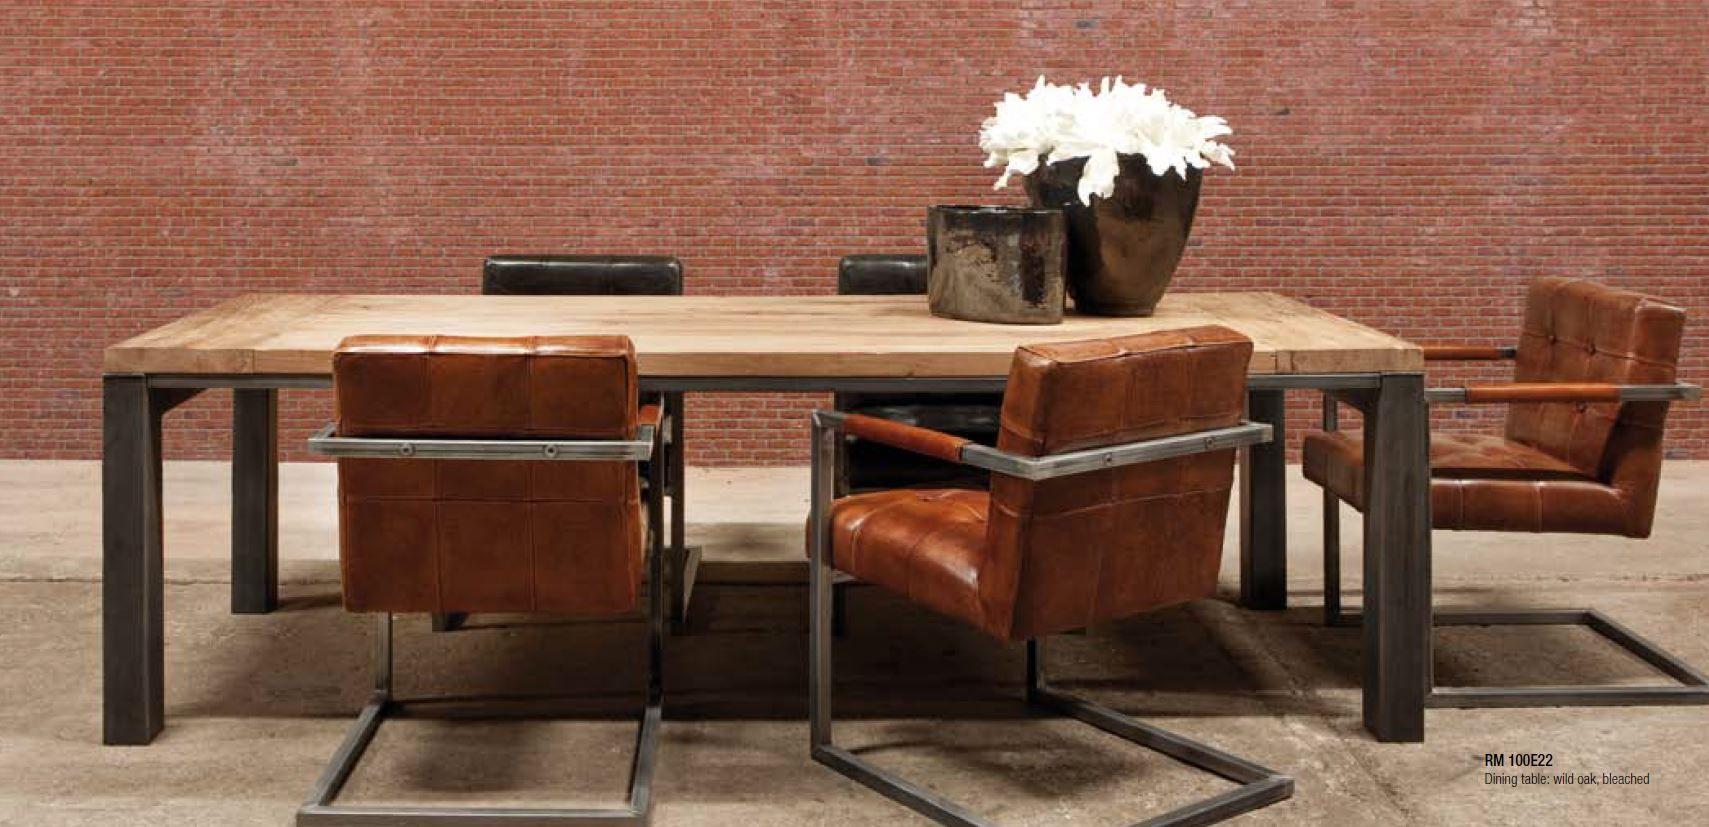 Tavoli e sedie di diversi stili e modelli, in legno, vetro ...